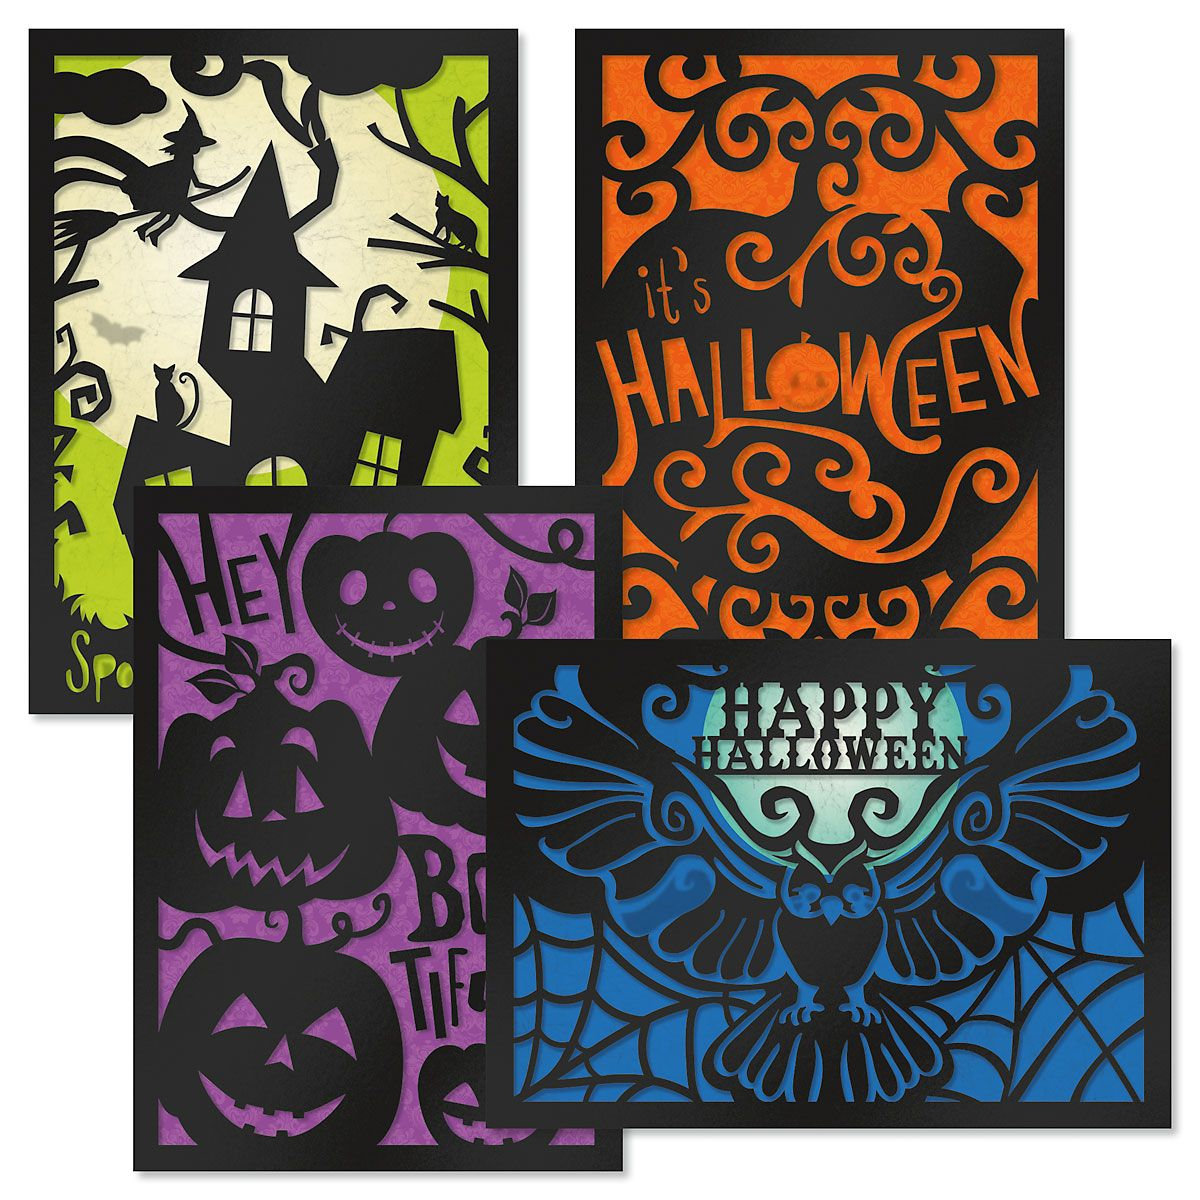 Deluxe Haunted Halloween Cards